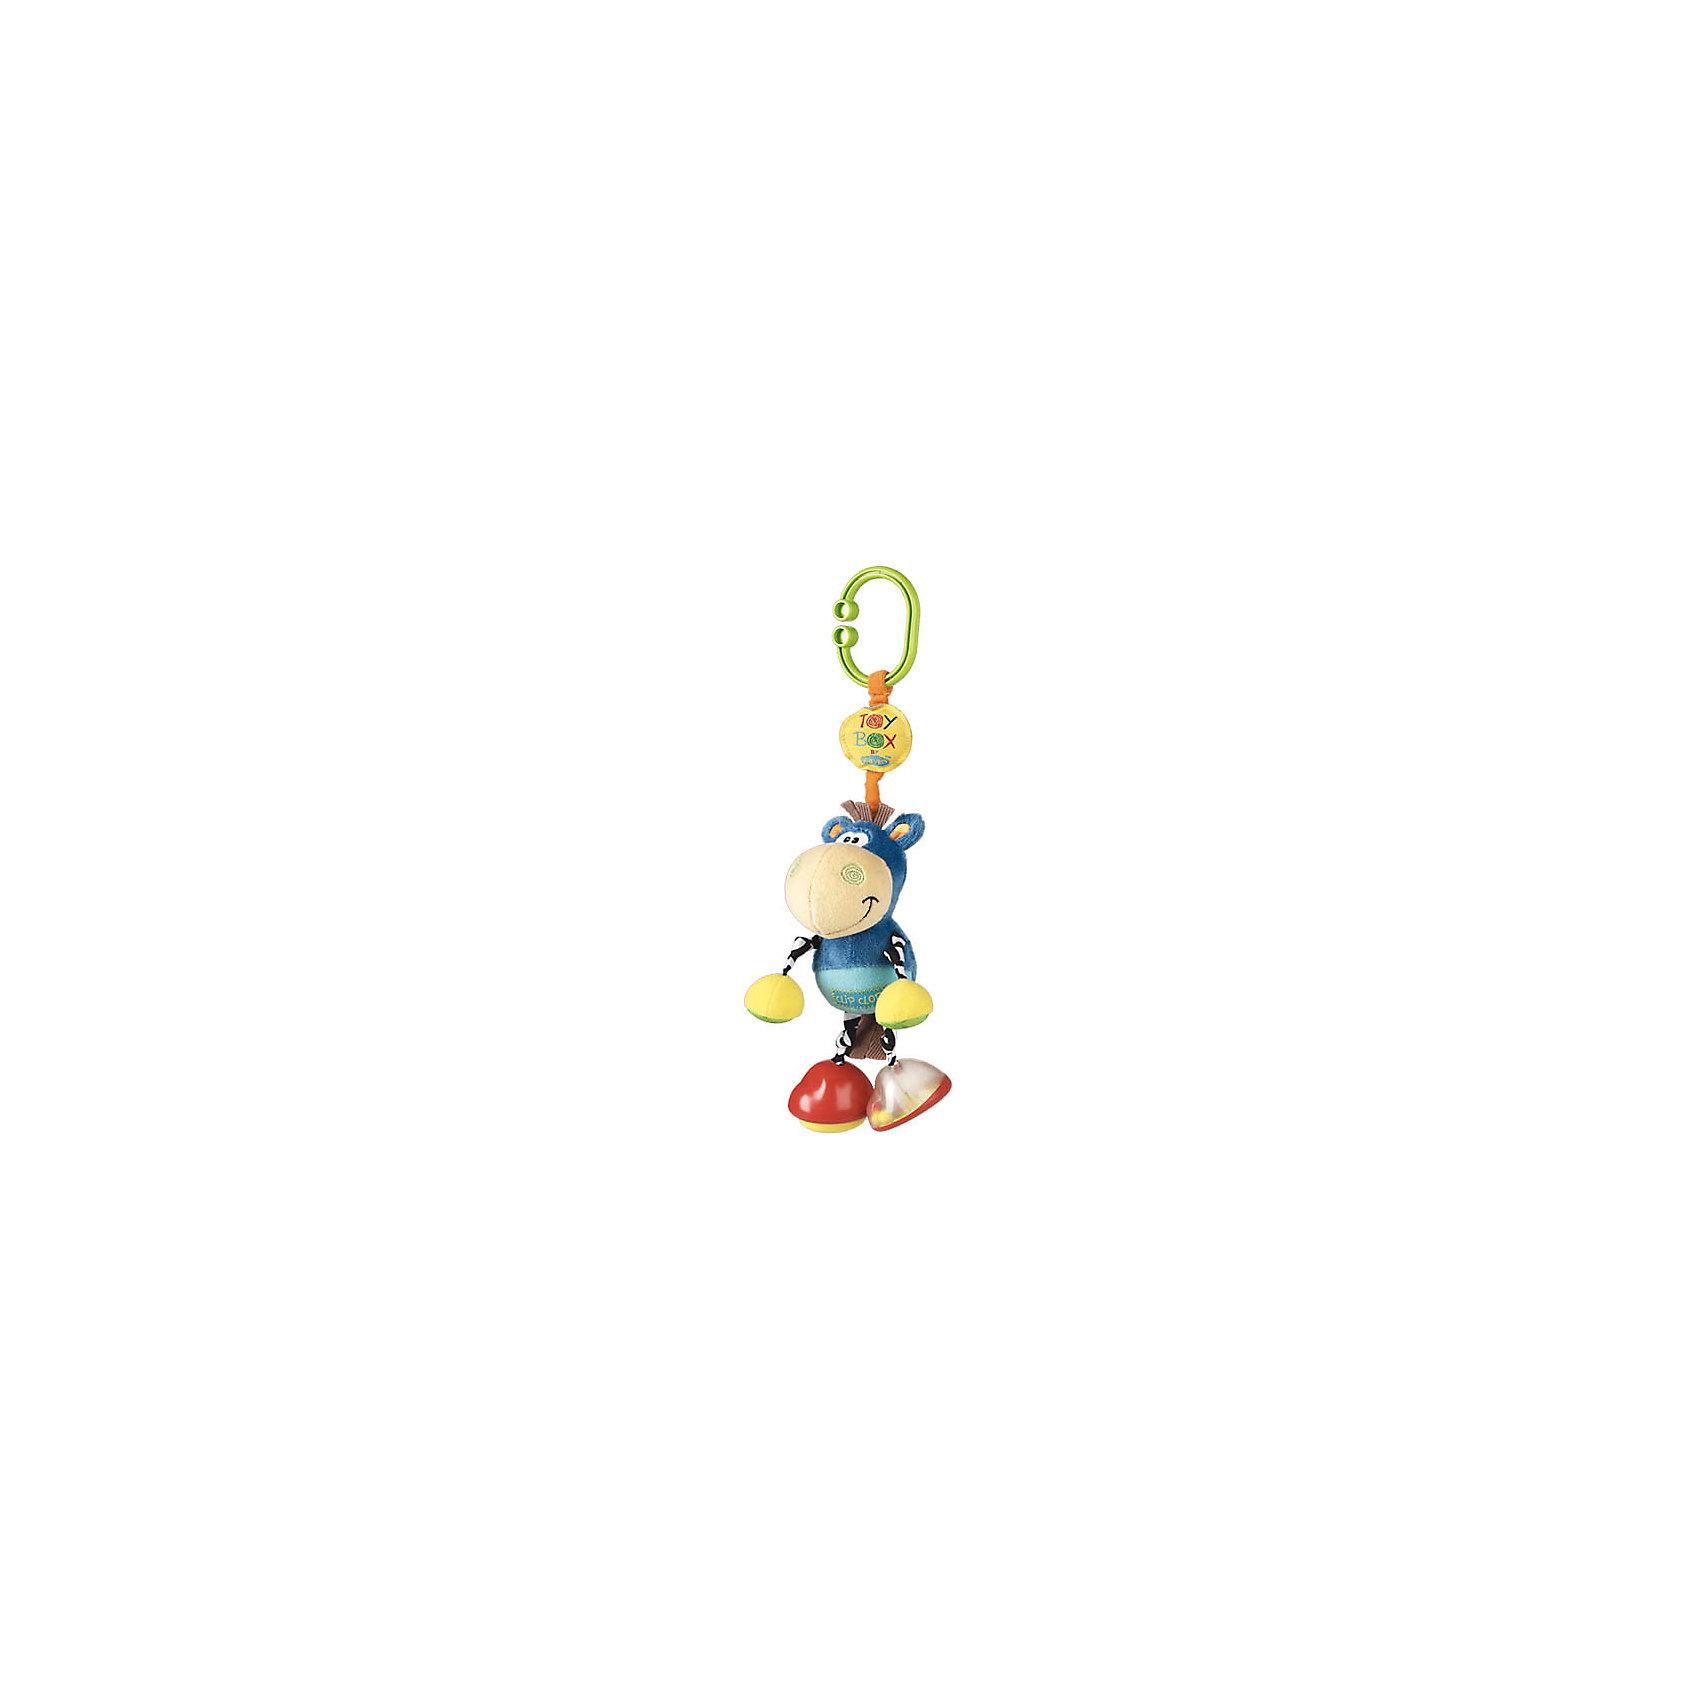 Игрушка-подвеска ОсликПодвески<br>Игрушка-подвеска Ослик.<br><br>Характеристики:<br><br>- Цвет: голубой, желтый<br>- Состав: полиэстер, пластик<br><br>Игрушка-подвеска Ослик – отличный выбор, в качестве первой игрушки.  Данная модель  изготовлена из яркой, приятной на ощупь, мягкой ткани со вставками из элементов разной фактуры. Если потянуть игрушку вниз, она завибрирует, пока не вернется в исходное положение. Легко крепится на любой тип коляски с помощью большого зажима. Такая игрушка отлично развивает мелкую моторику малыша, а также тактильное и цветовое восприятие.<br><br>Игрушку-подвеску Ослик можно купить в нашем интернет – магазине.<br><br>Ширина мм: 234<br>Глубина мм: 129<br>Высота мм: 91<br>Вес г: 116<br>Возраст от месяцев: 0<br>Возраст до месяцев: 12<br>Пол: Унисекс<br>Возраст: Детский<br>SKU: 1842399